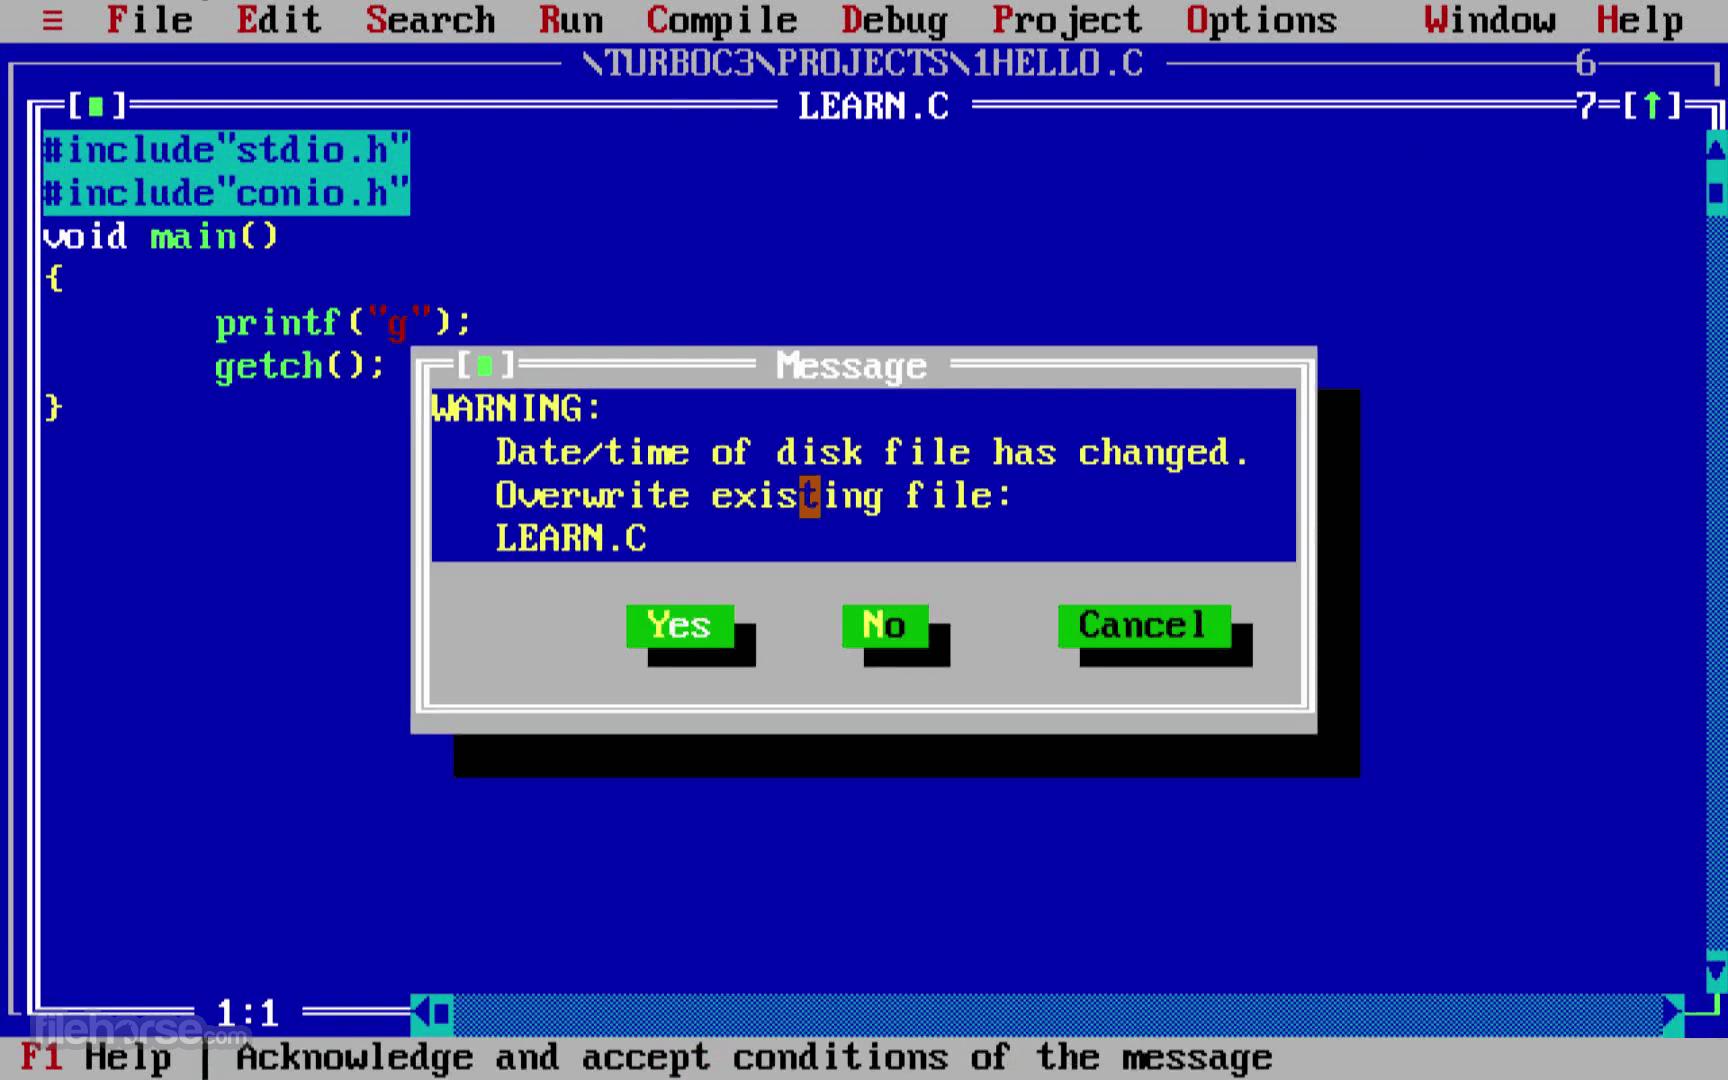 Turbo C++ 3.7.8.9 Screenshot 4